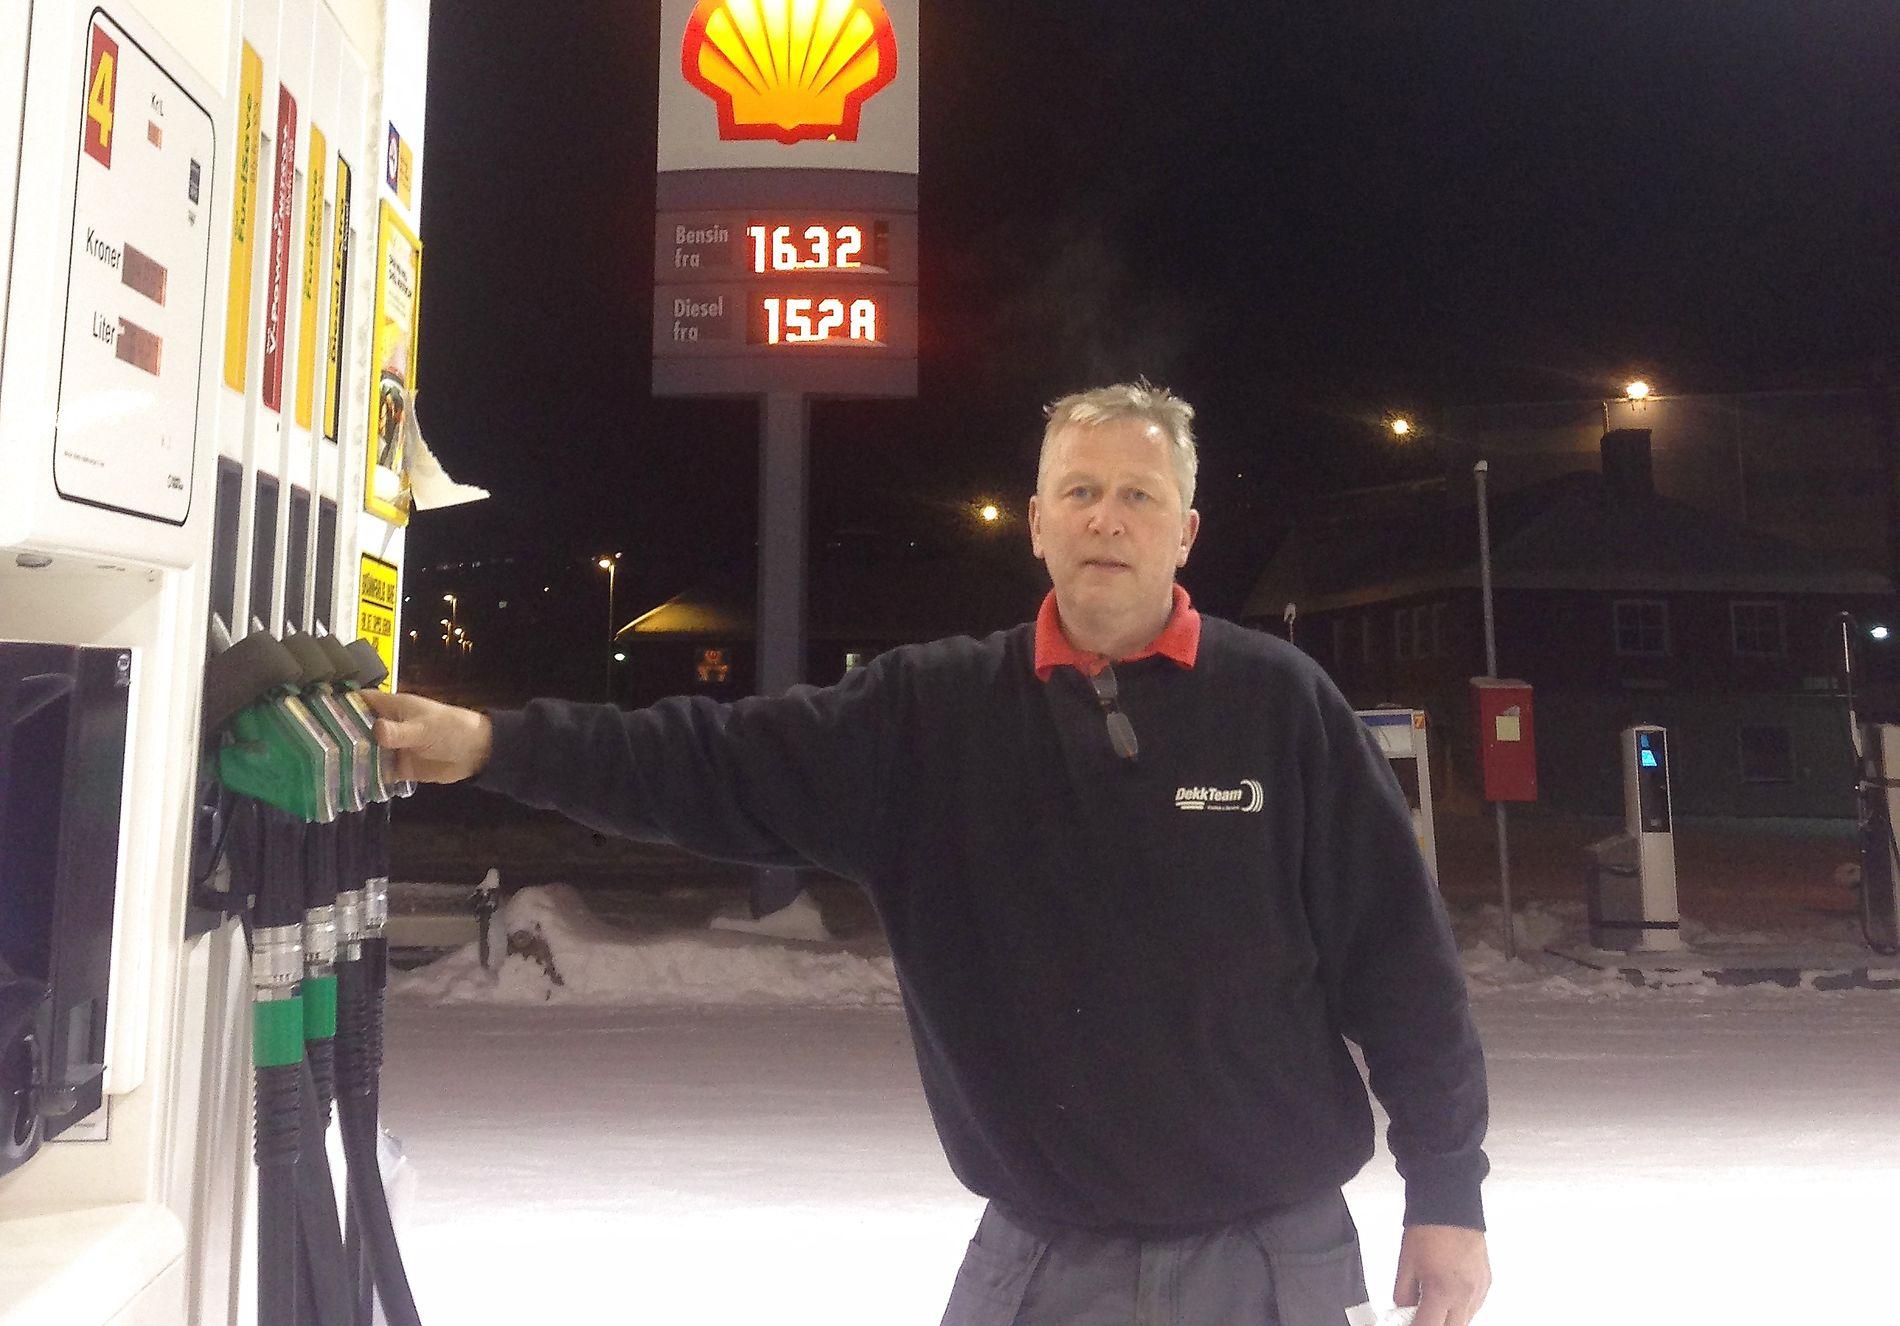 KIRKENES MANDAG: Eier av Shell-stasjonen Kirkenes Service, Knut Rollstad, konkurrerer allerede hardt med russer-diesel til en tredjedel av literprisen på den som ble tilbudt kundene i Kirkenes mandag kveld.